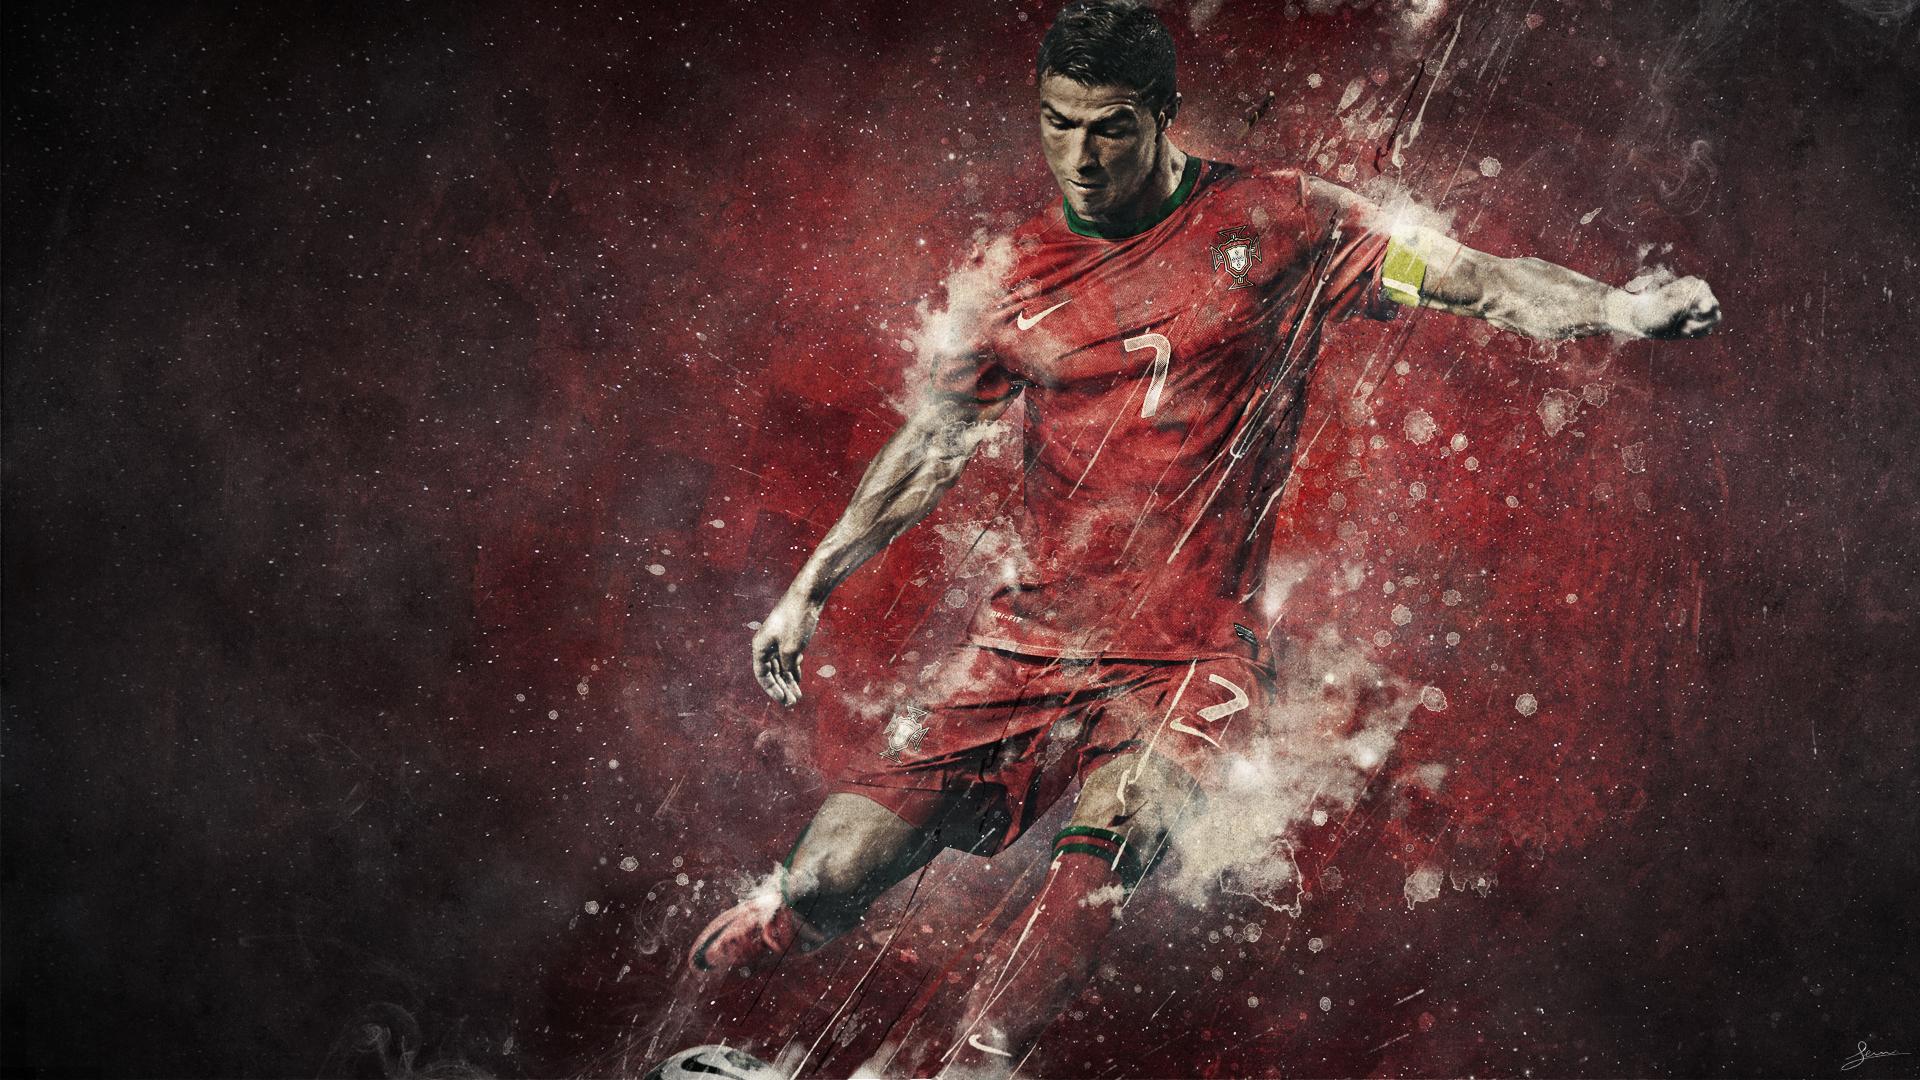 Cristiano Ronaldo   Studioluko   Graphic Design   Illustration HD Wallpaper